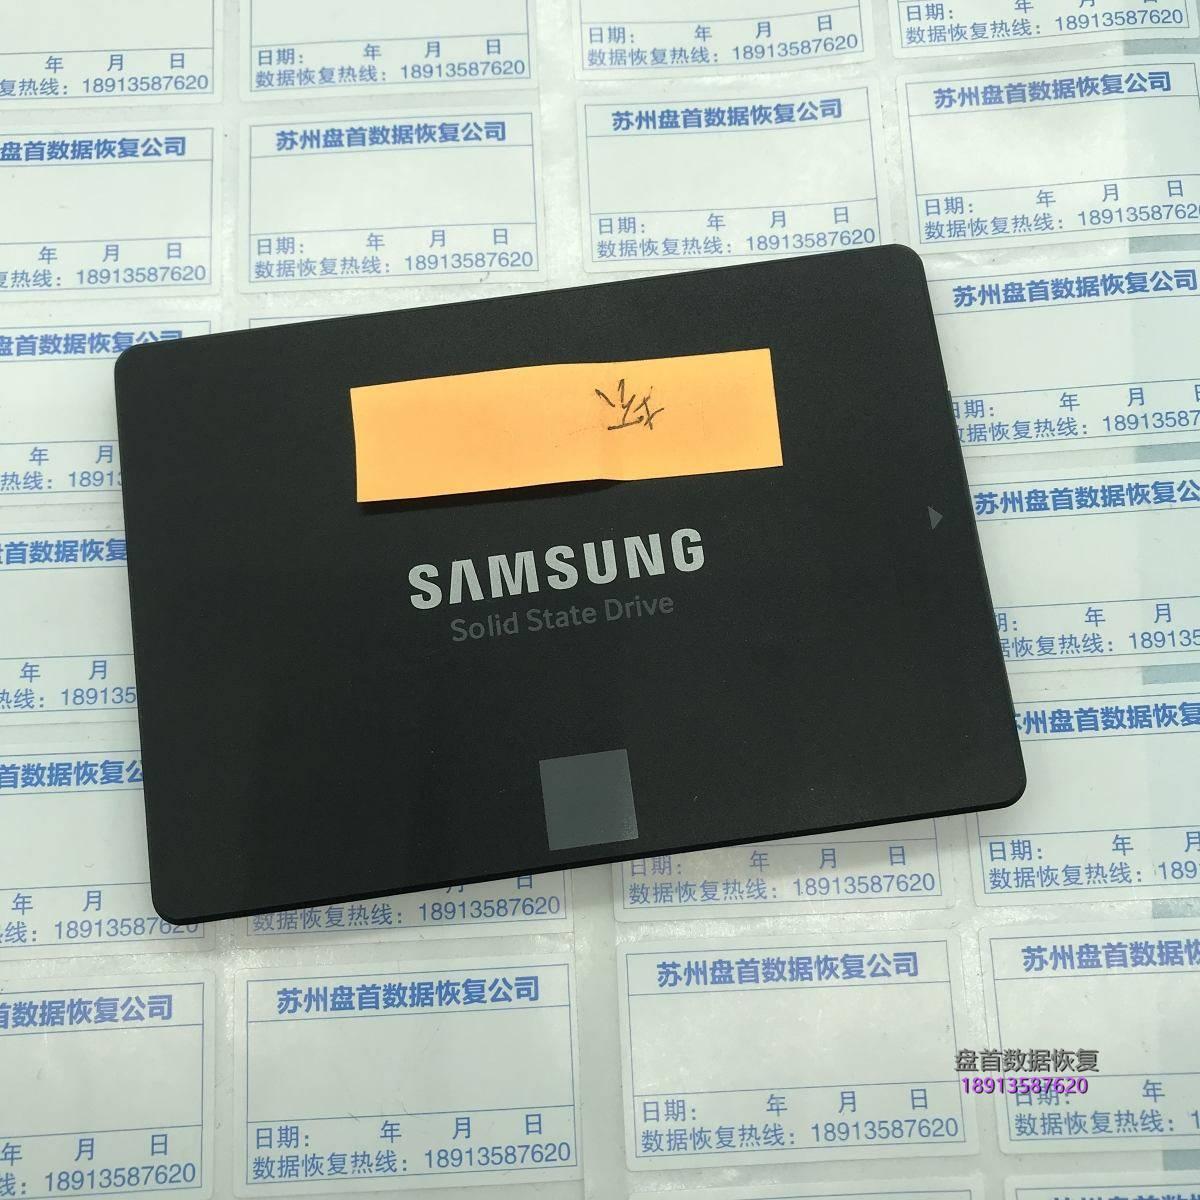 三星850 EVO掉盘无法识别主控S4LN062X01-Y030 SSD数据恢复成功